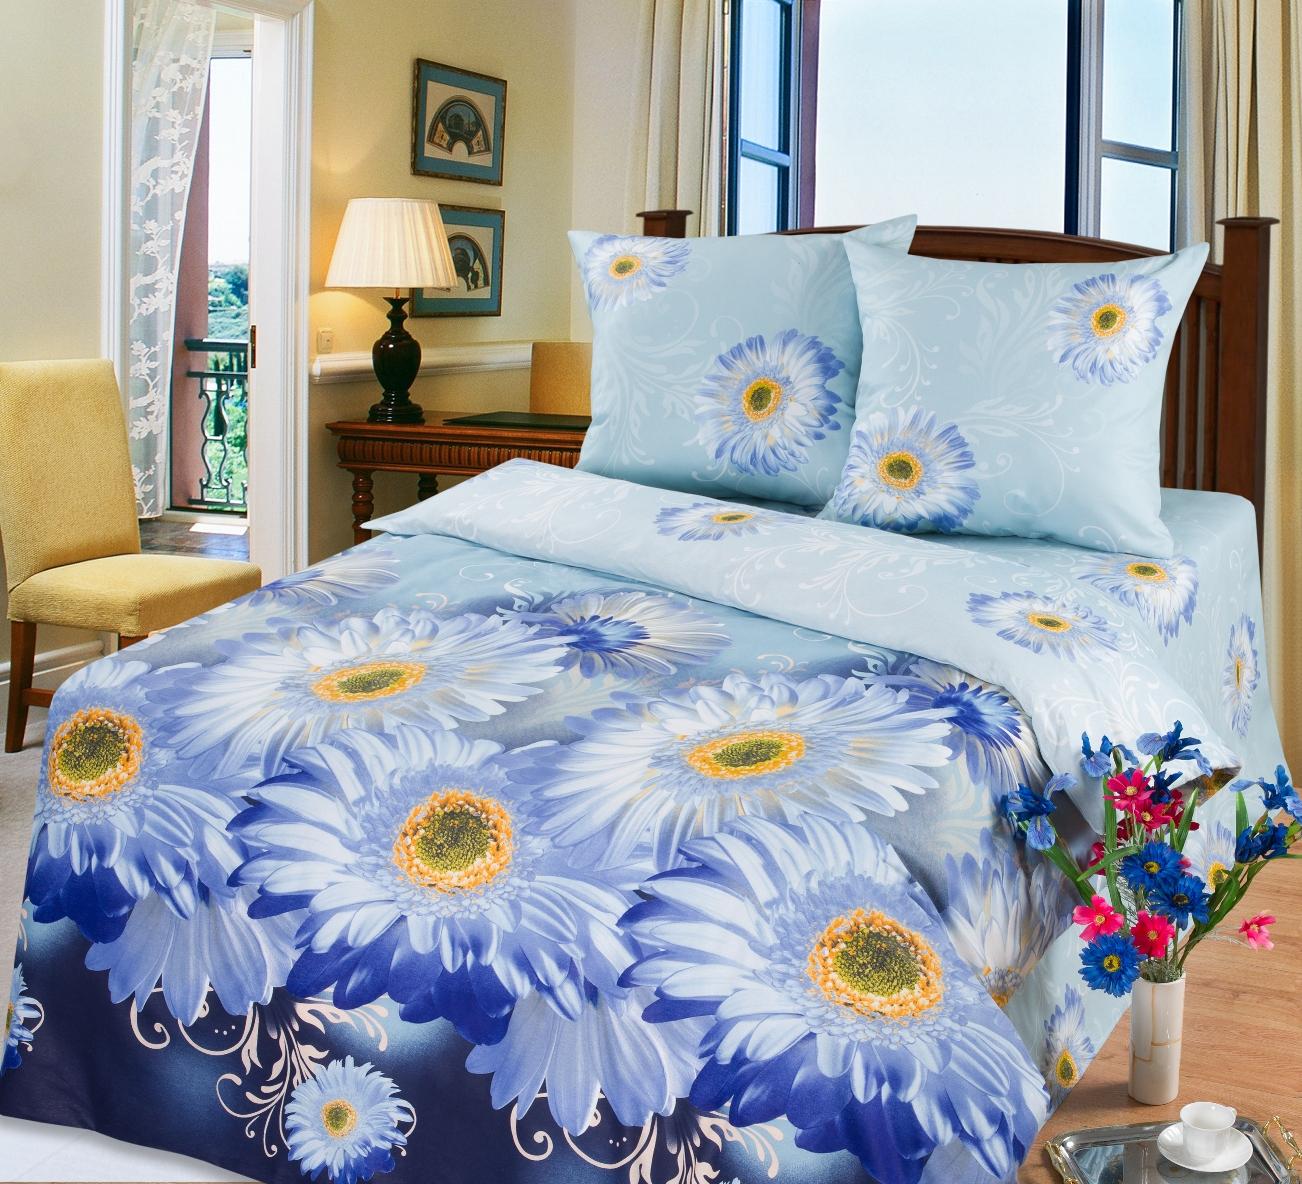 Комплект  Агата , размер 1,5-спальный - Постельное белье артикул: 9029